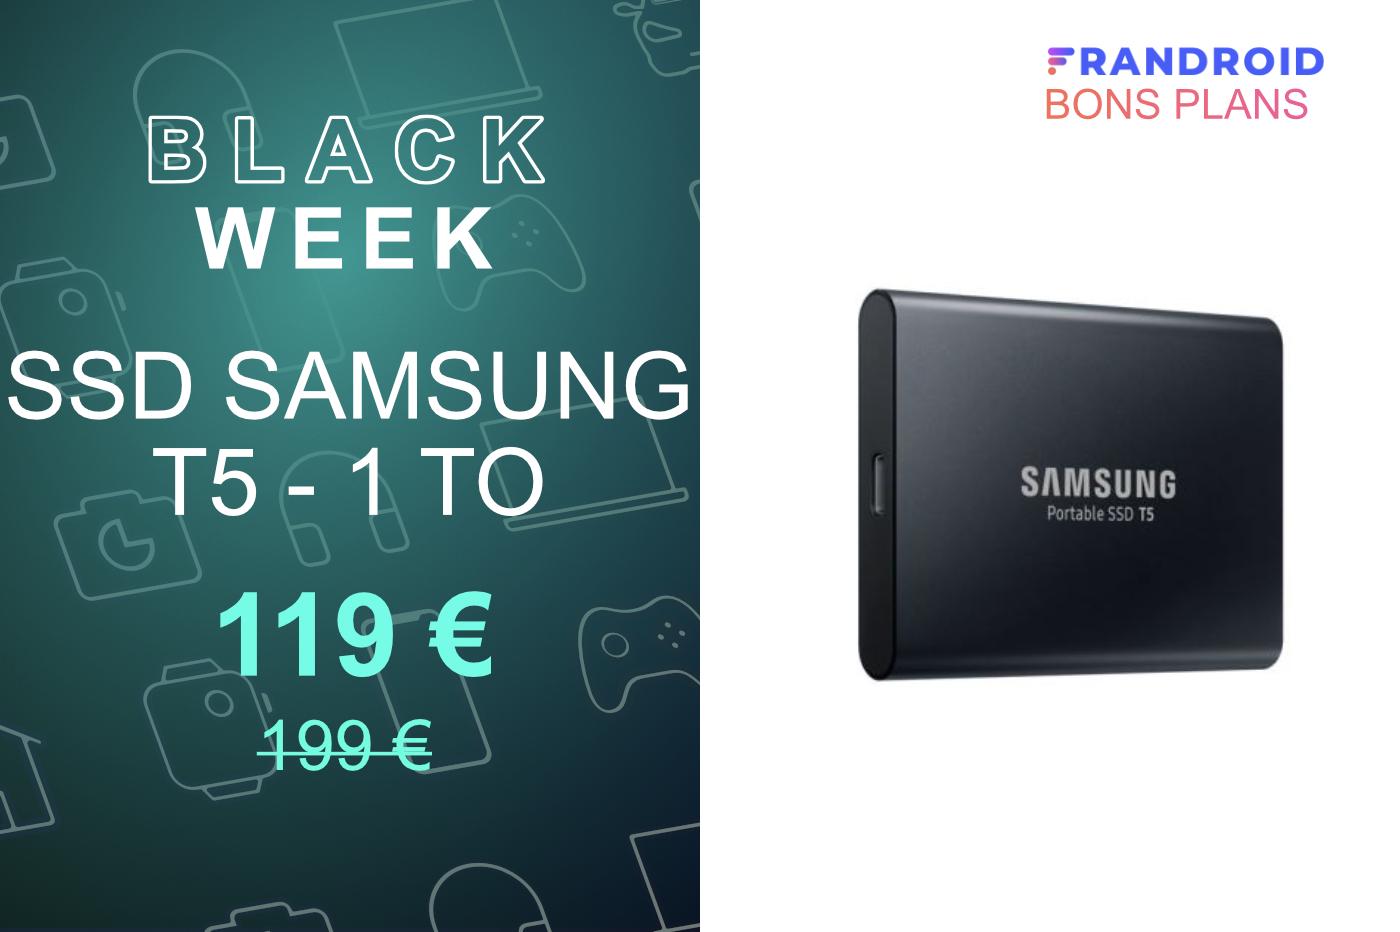 Le SSD Samsung T5 avec 500 Go ou 1 To de stockage est au plus bas